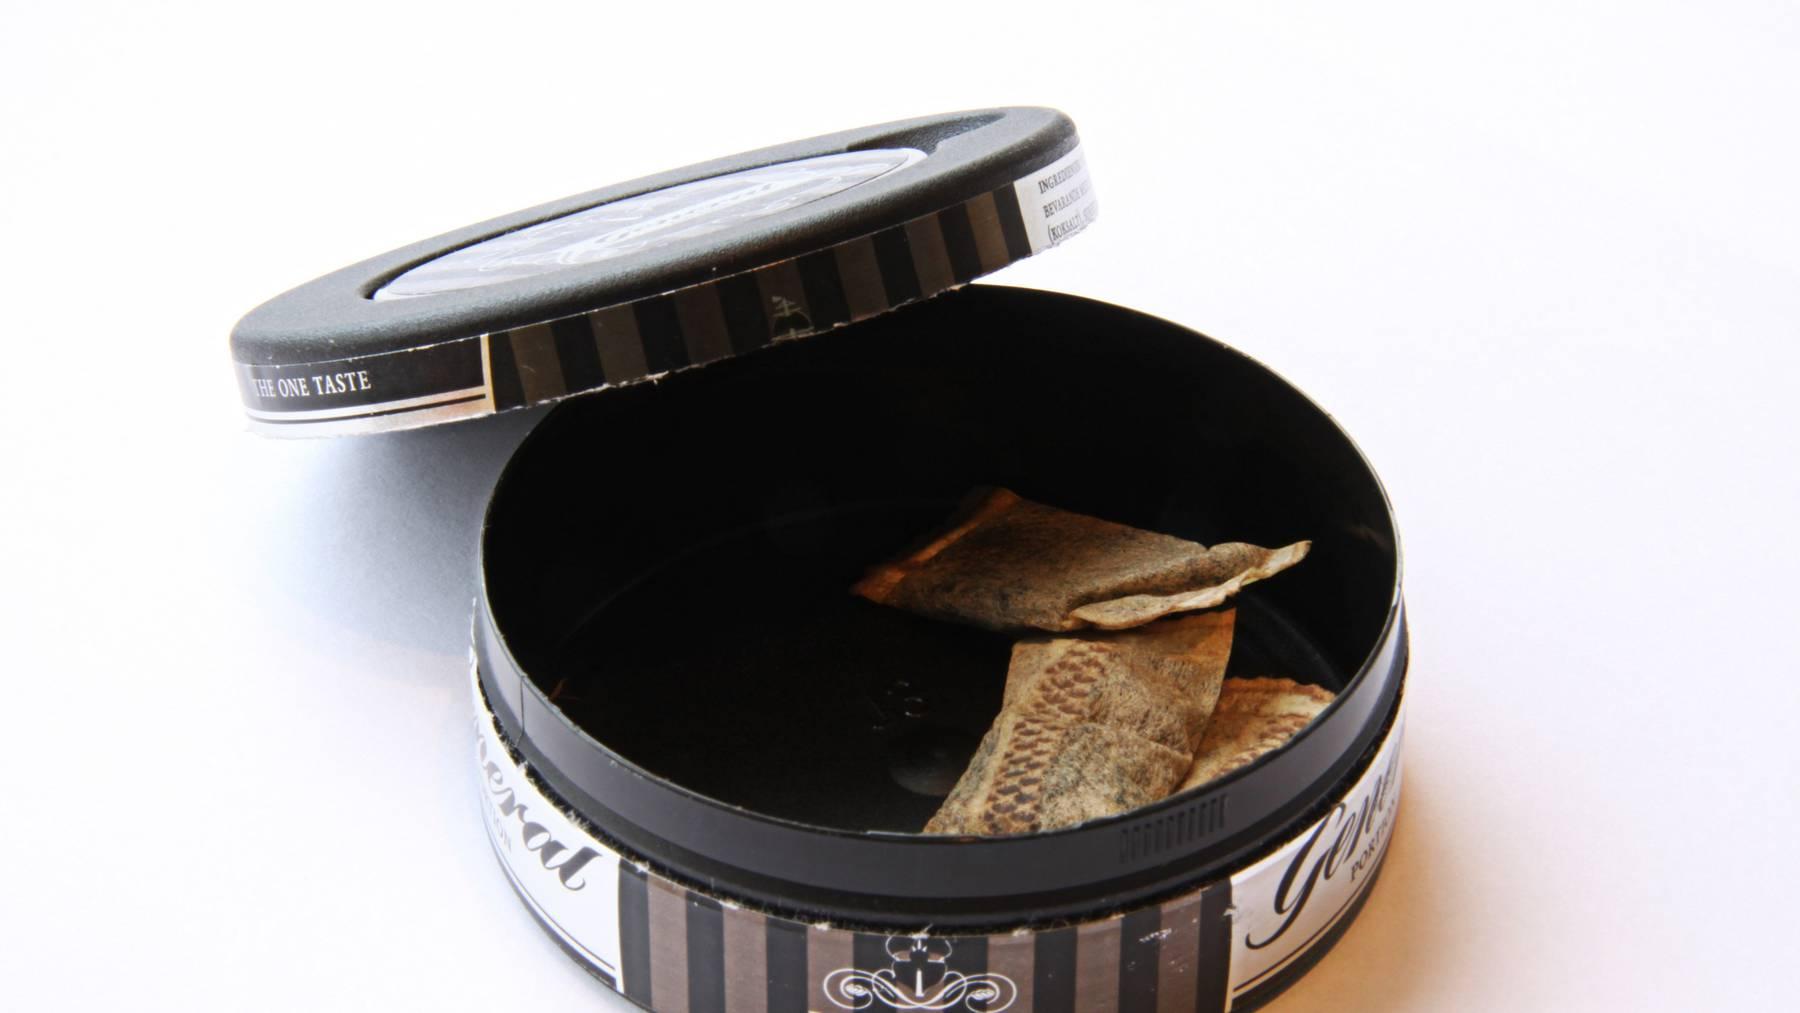 Das Bundesamt für Gesundheit hat einen sofortigen Verkaufs- und Importstopp für Snus verhängt.